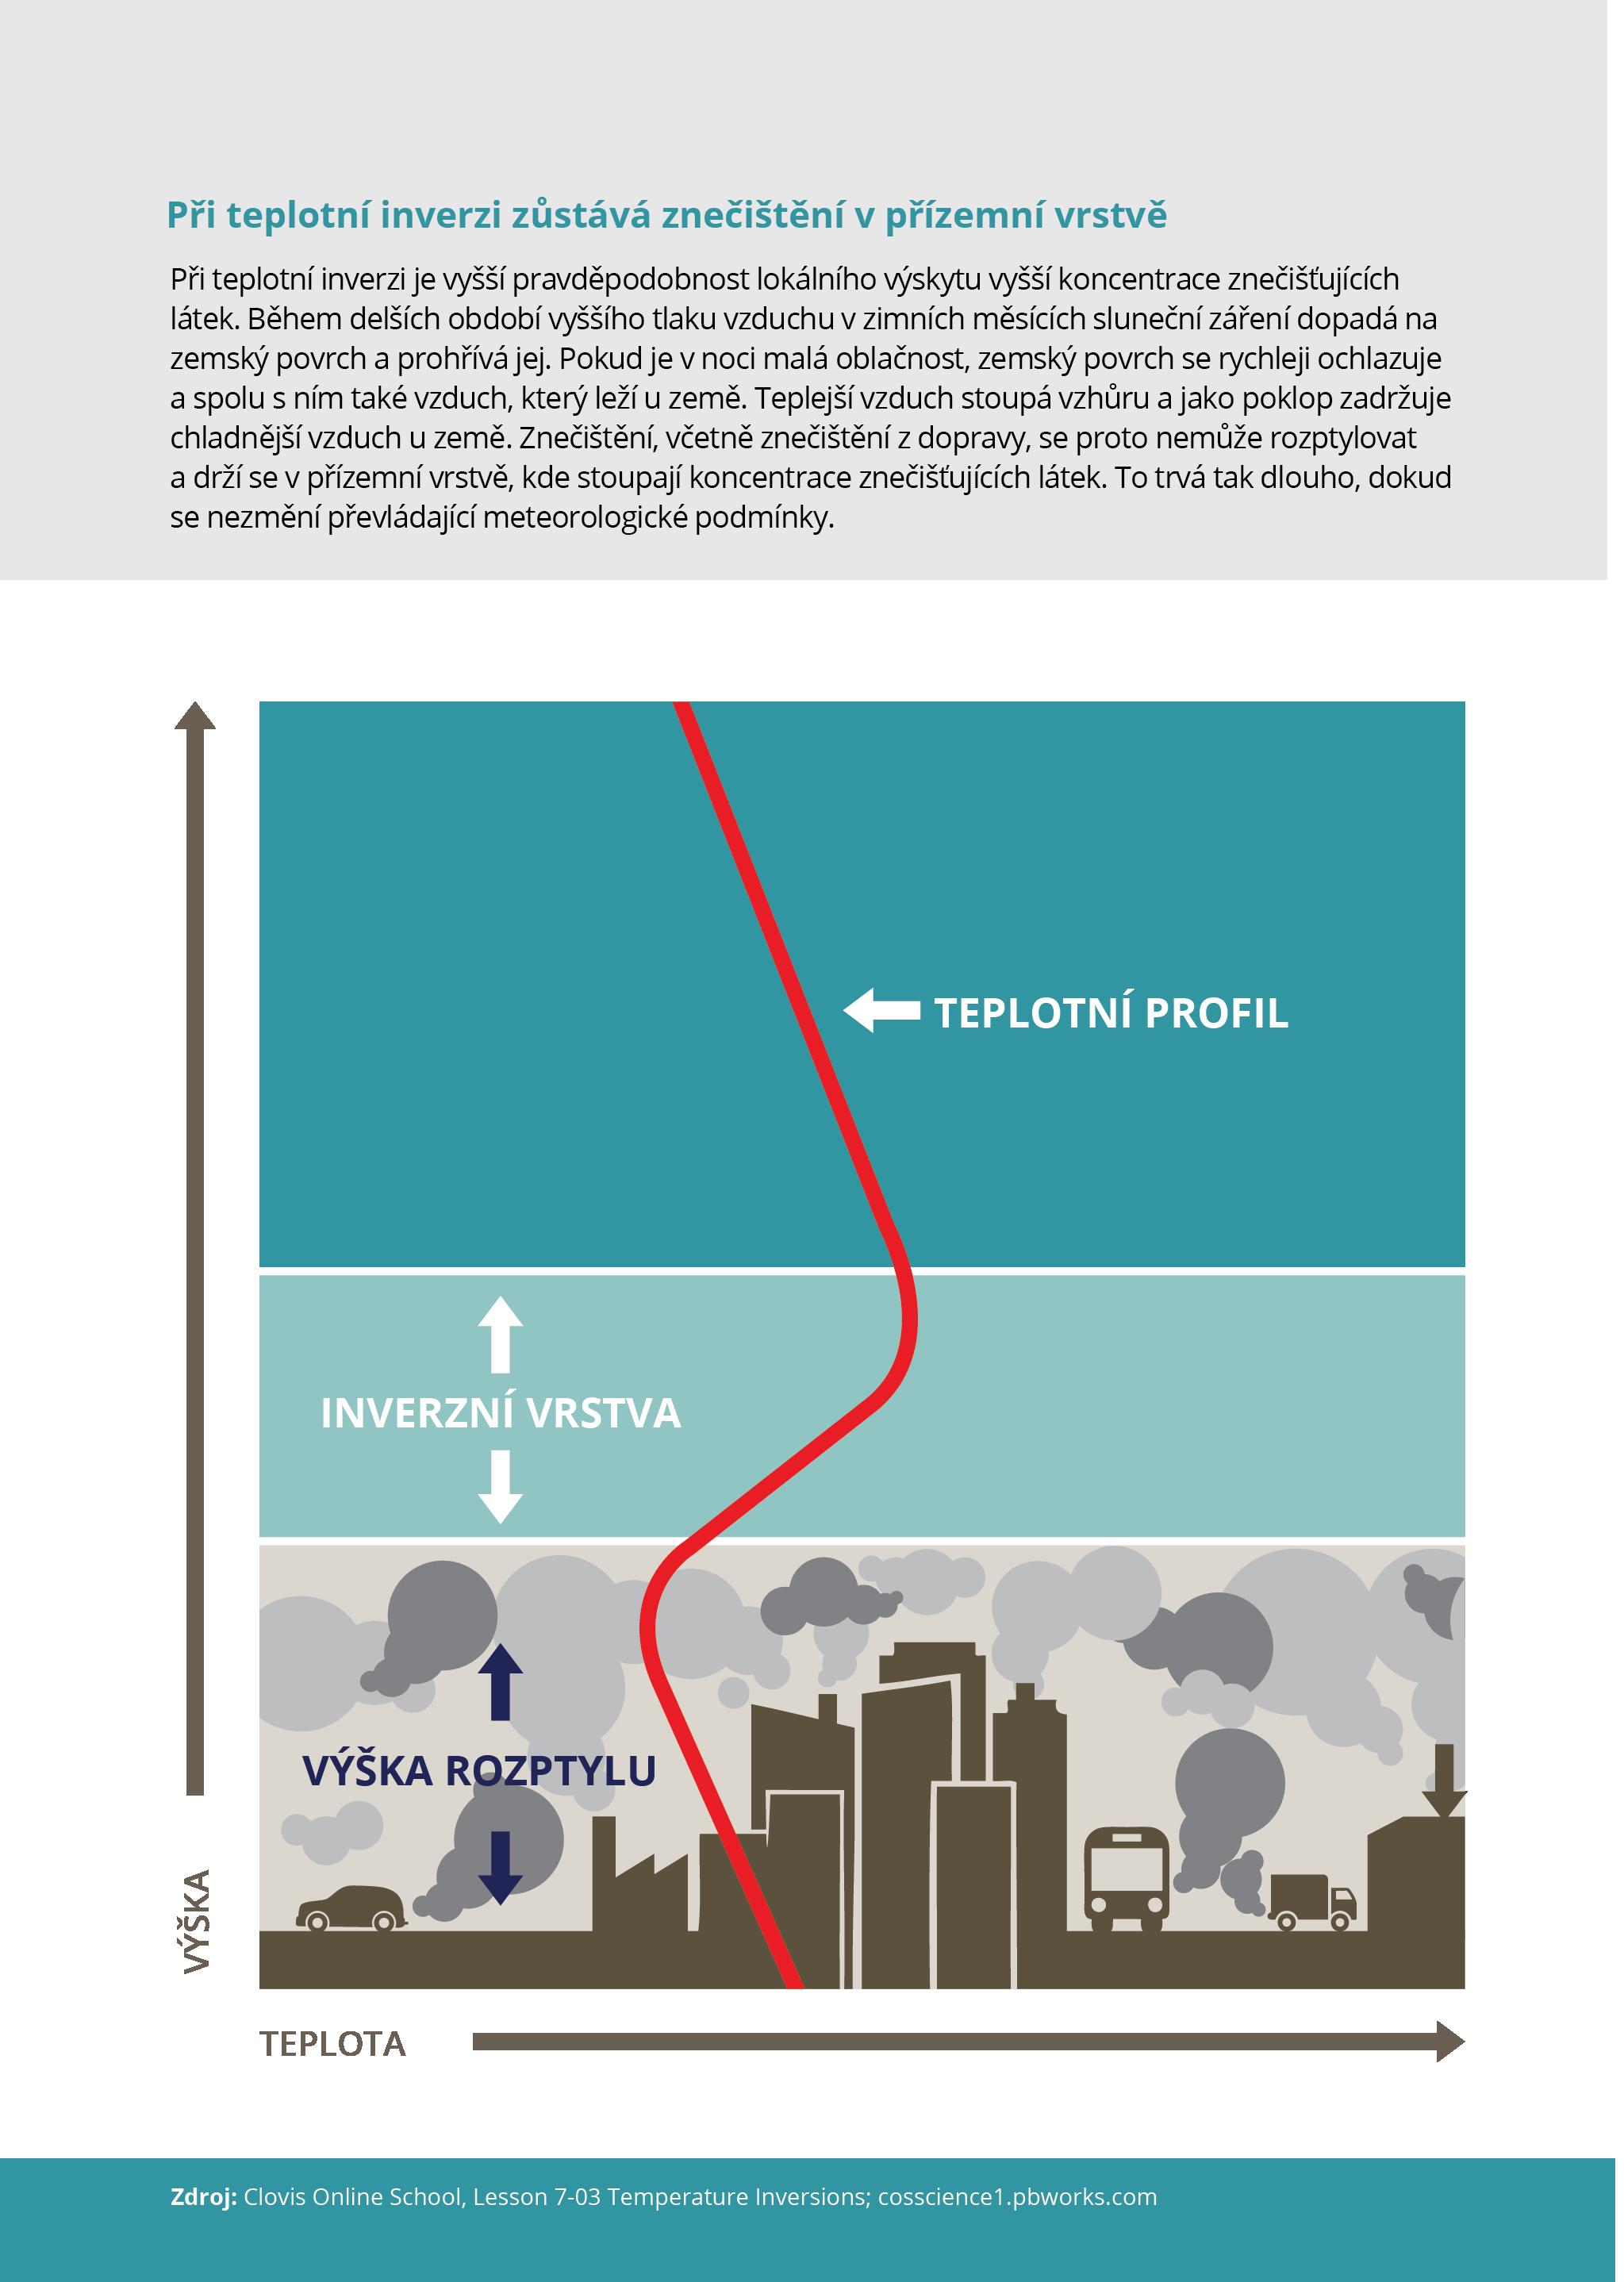 Při teplotní inverzi zůstává znečištění v přízemní vrstvě